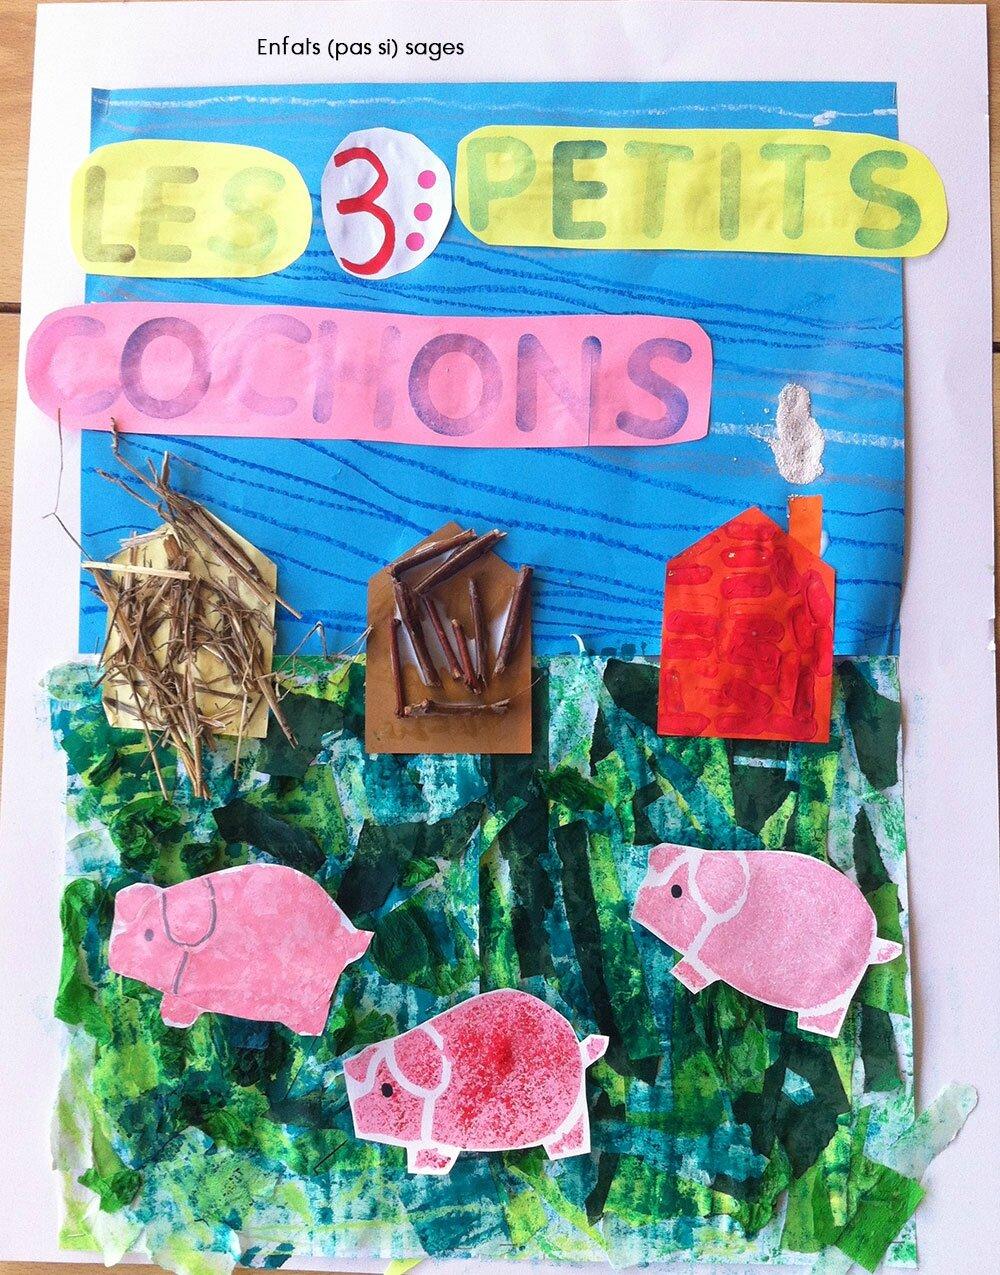 Les Trois Petit Cochons Art Visuel : trois, petit, cochons, visuel, Petits, Cochons, Enfants, Sages